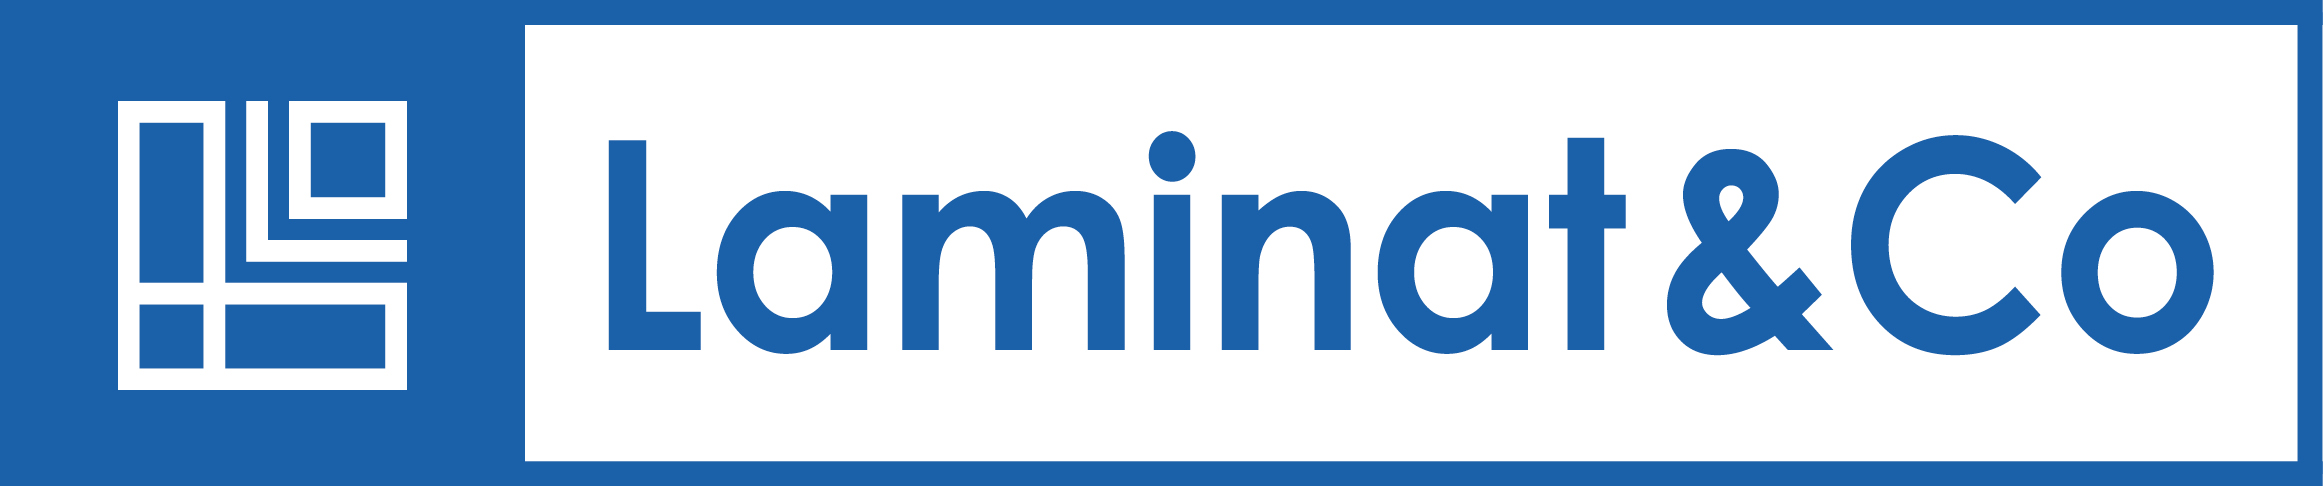 Laminat & Co